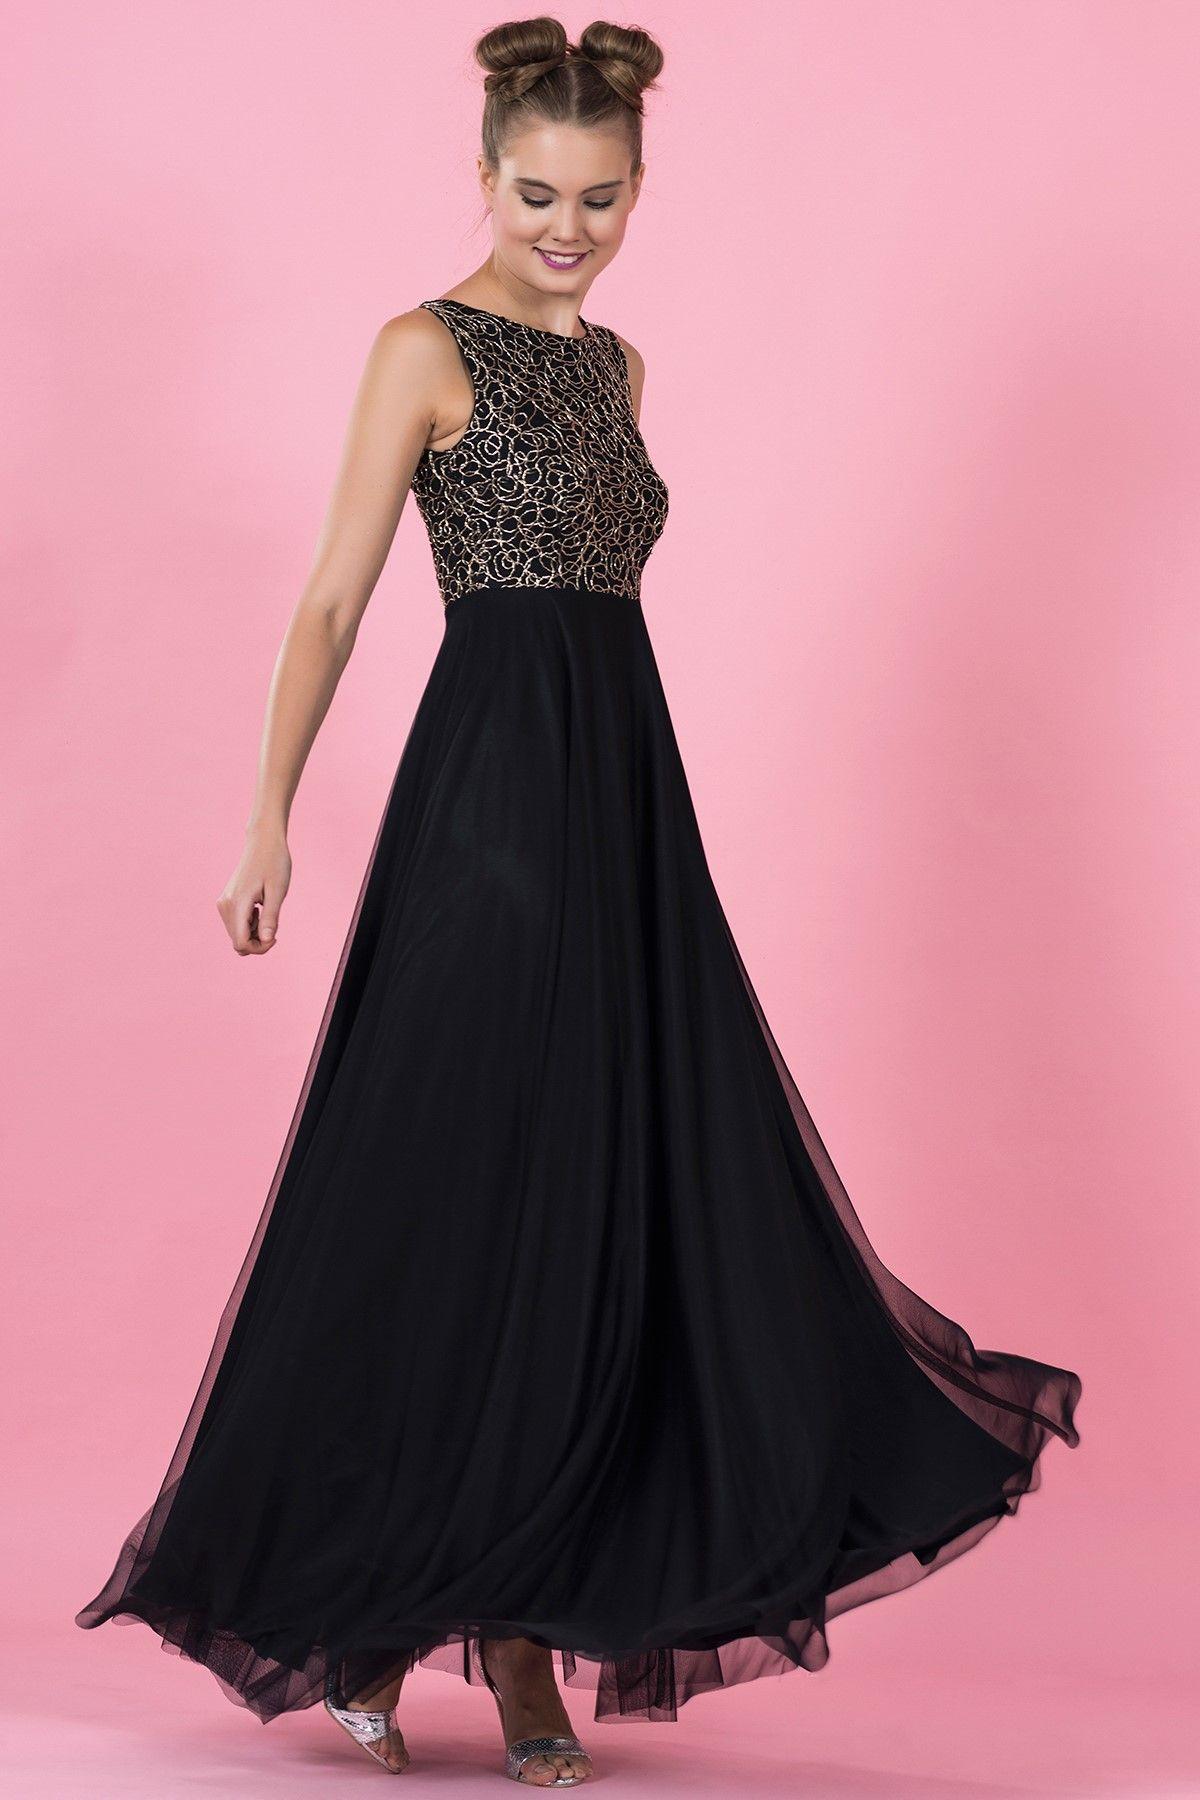 Siyah Altin Rengi Parlak Islemeli Uzun Abiye Elbise 5021 1085 The Dress Elbise Elbiseler